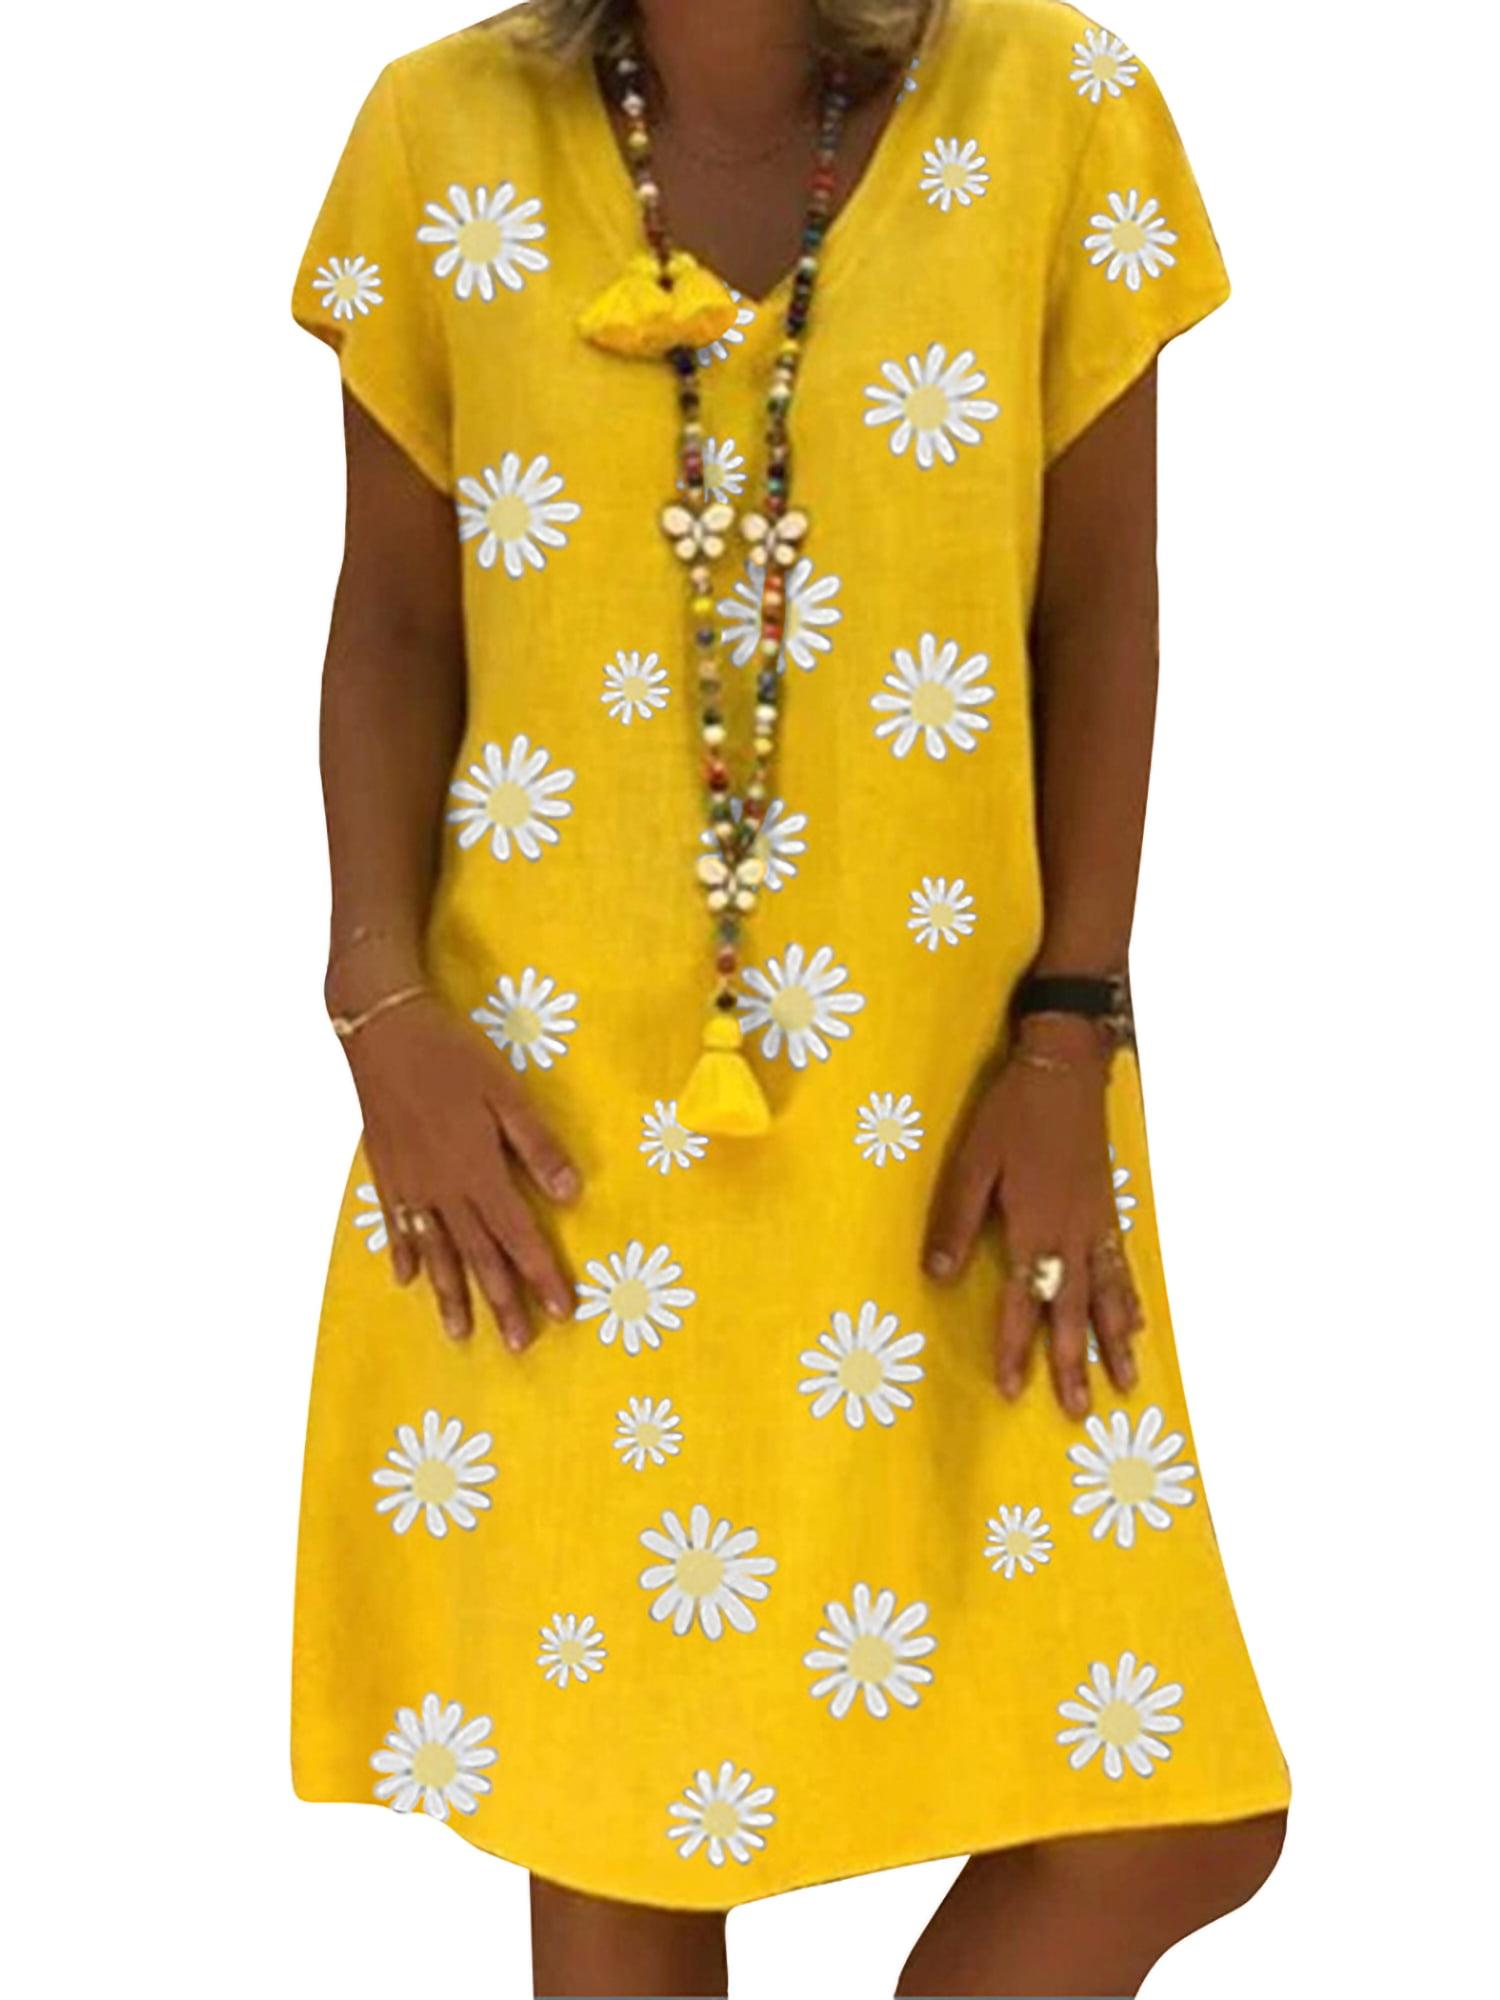 Short Sleeves Dress Cotton Dress Women Cotton Tunic with Sleeves Cotton Tunic Dress